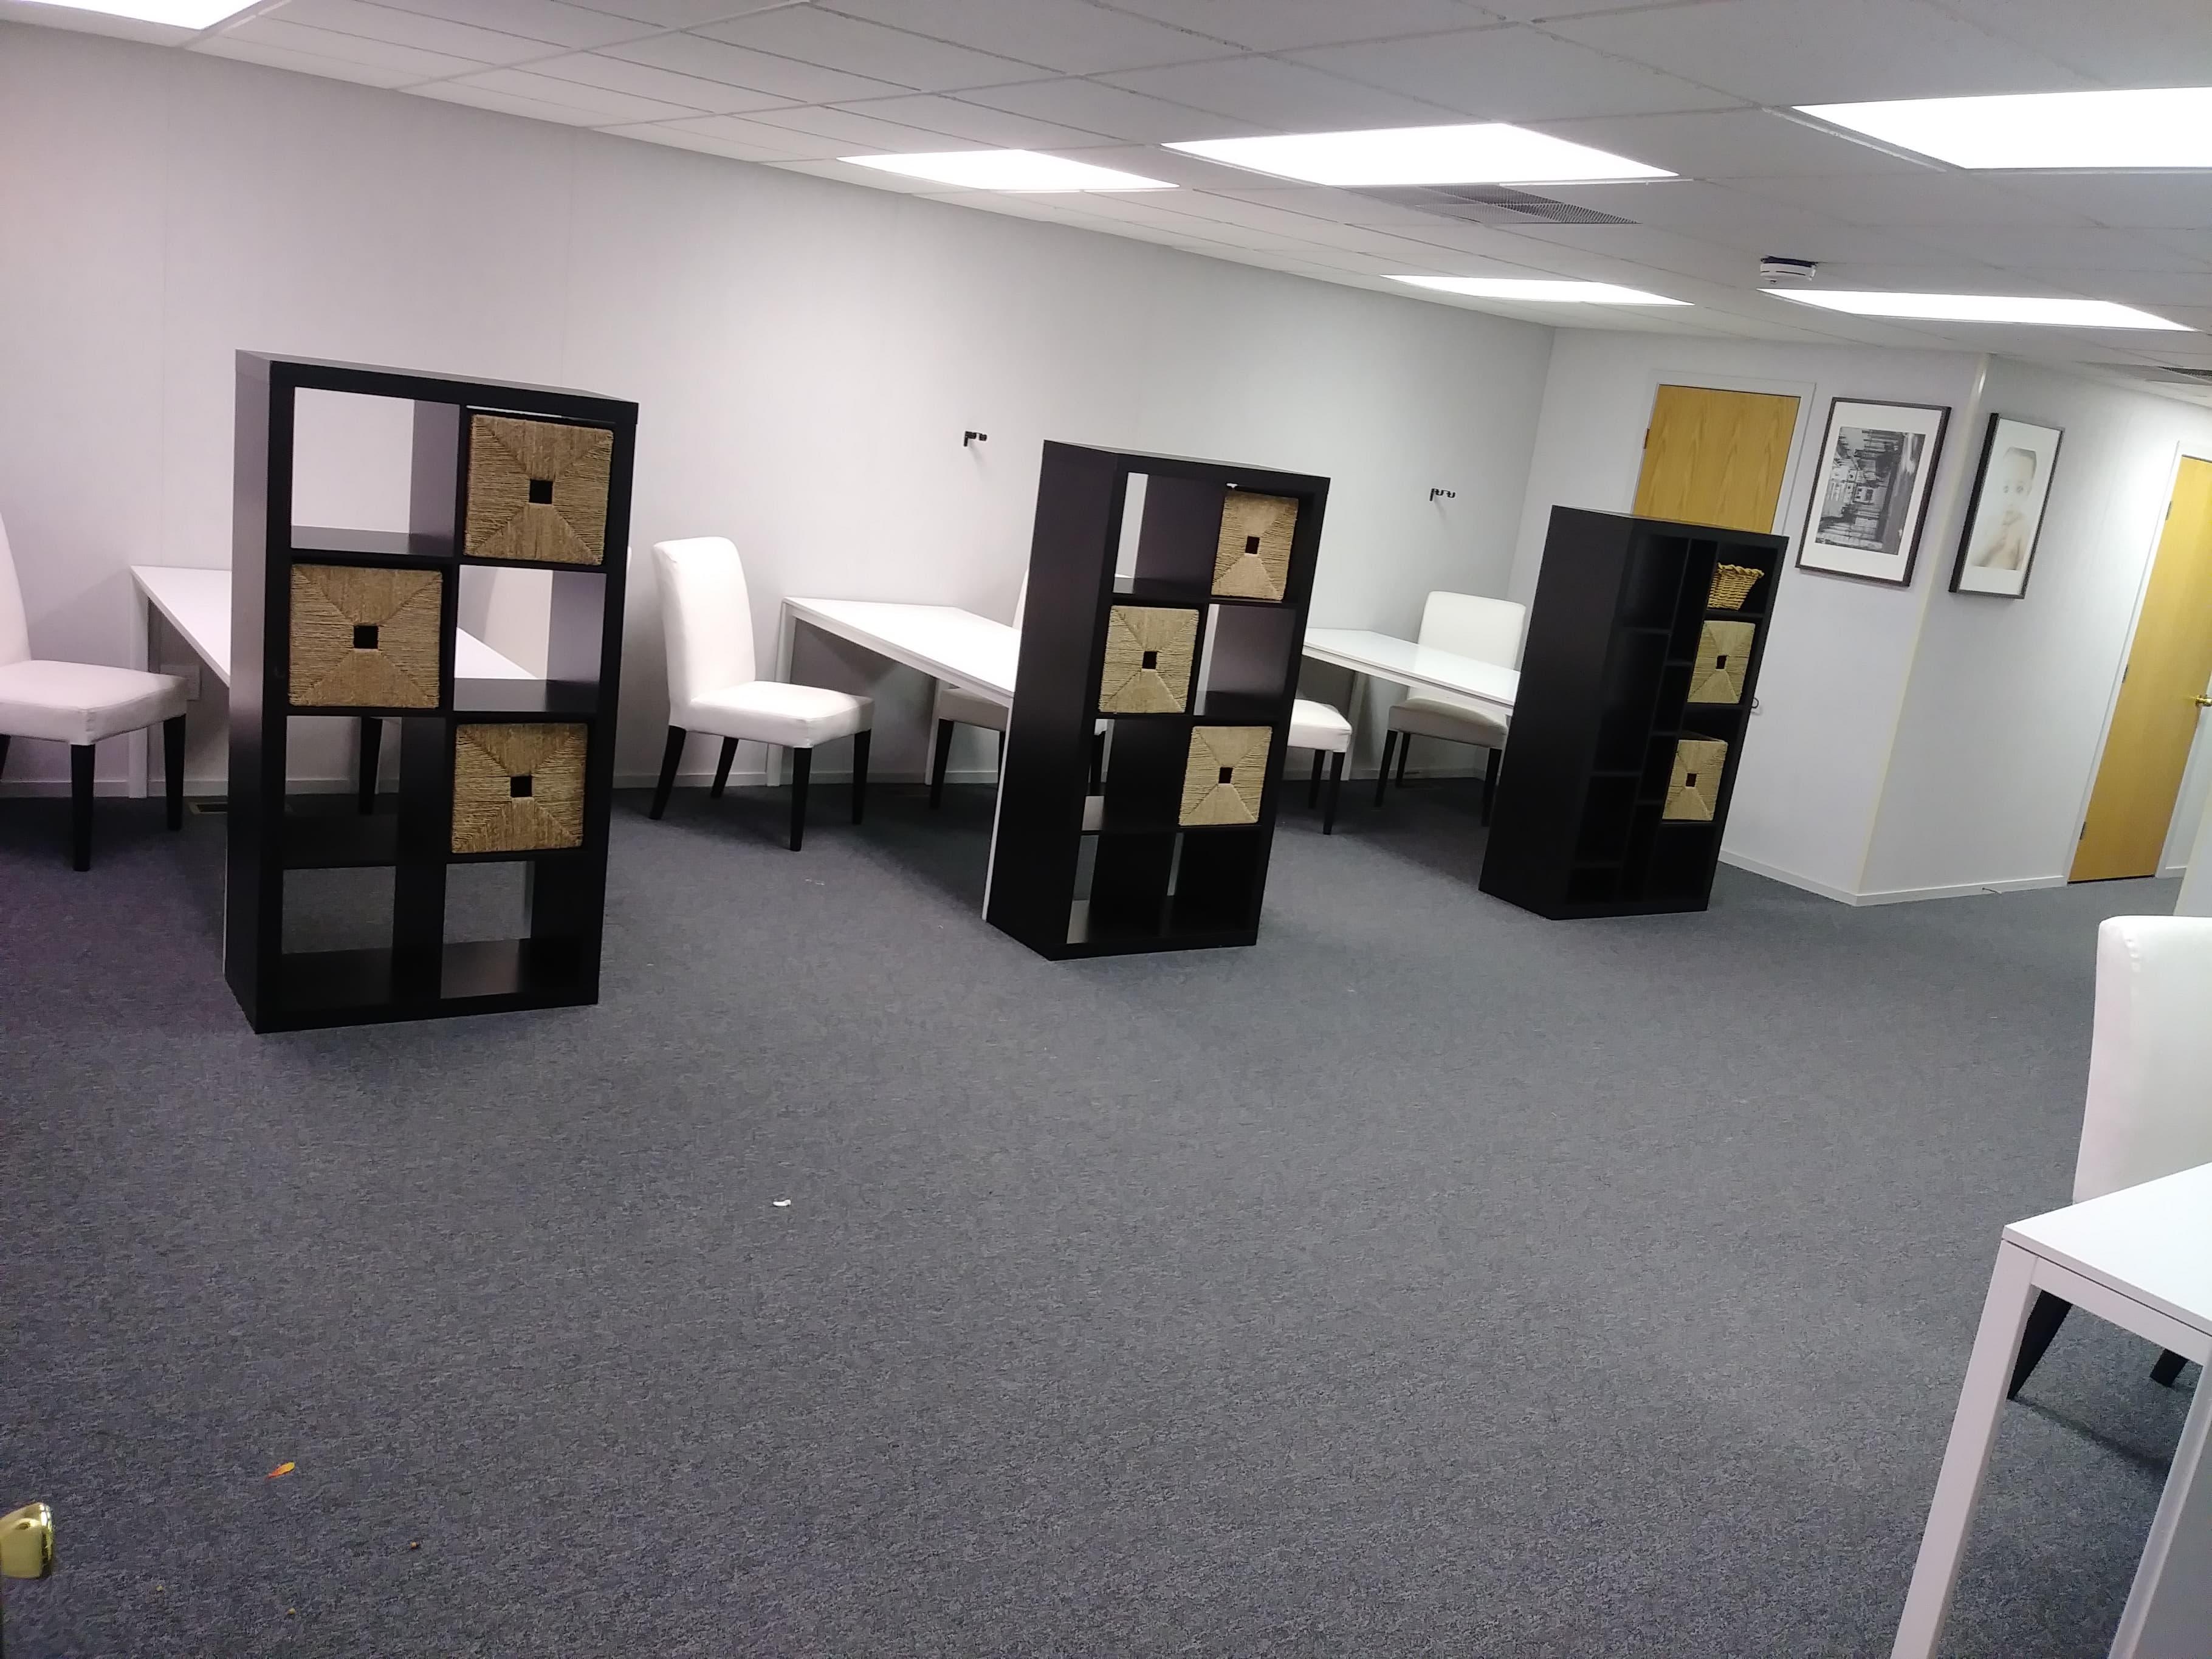 Artismo Studio Share, Saline